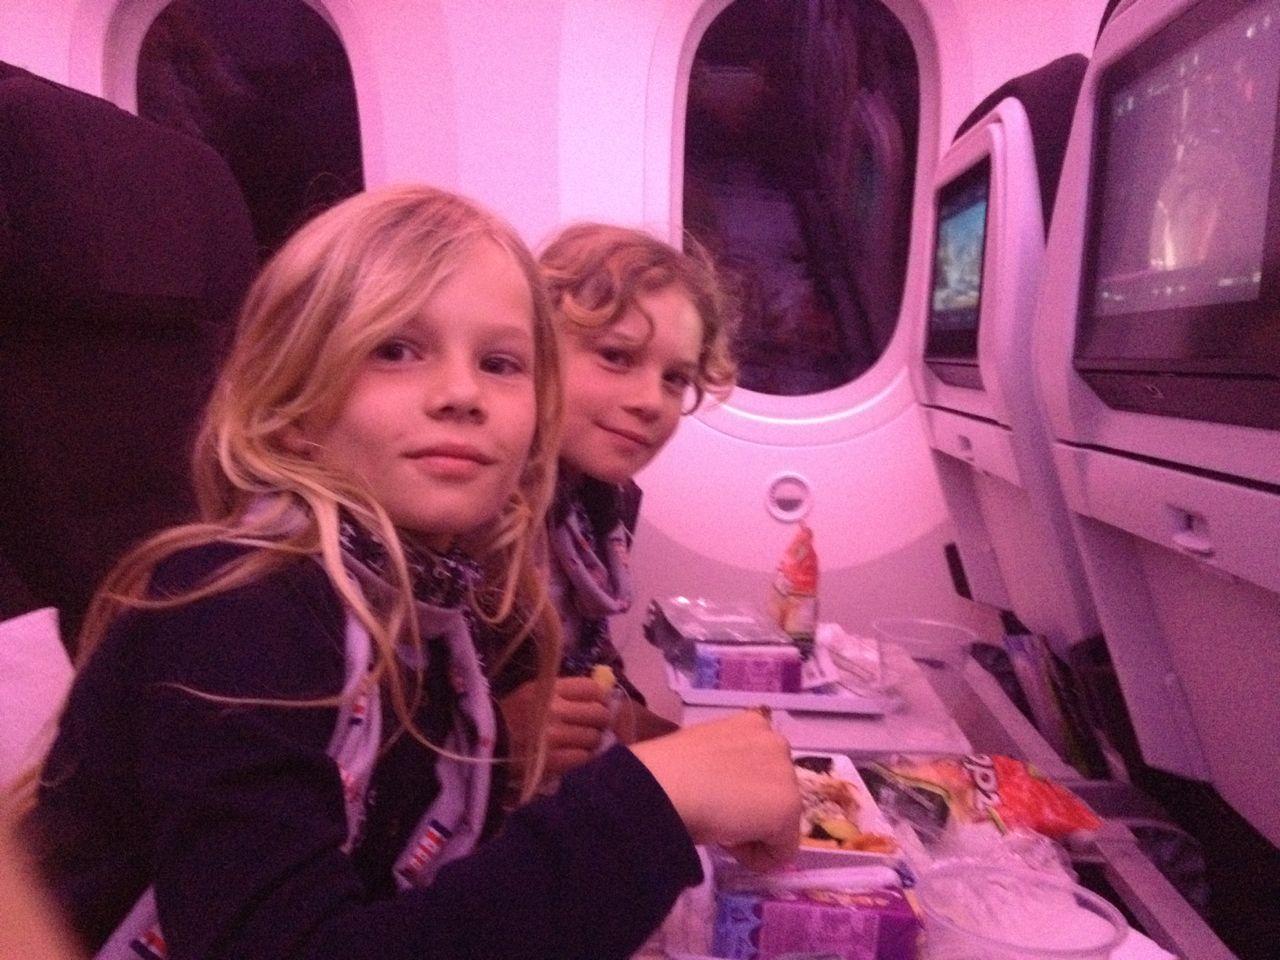 Auf unserem Flug nach Deutschland 36 Stunden, essen, trinken, Videos schauen und schlafen.